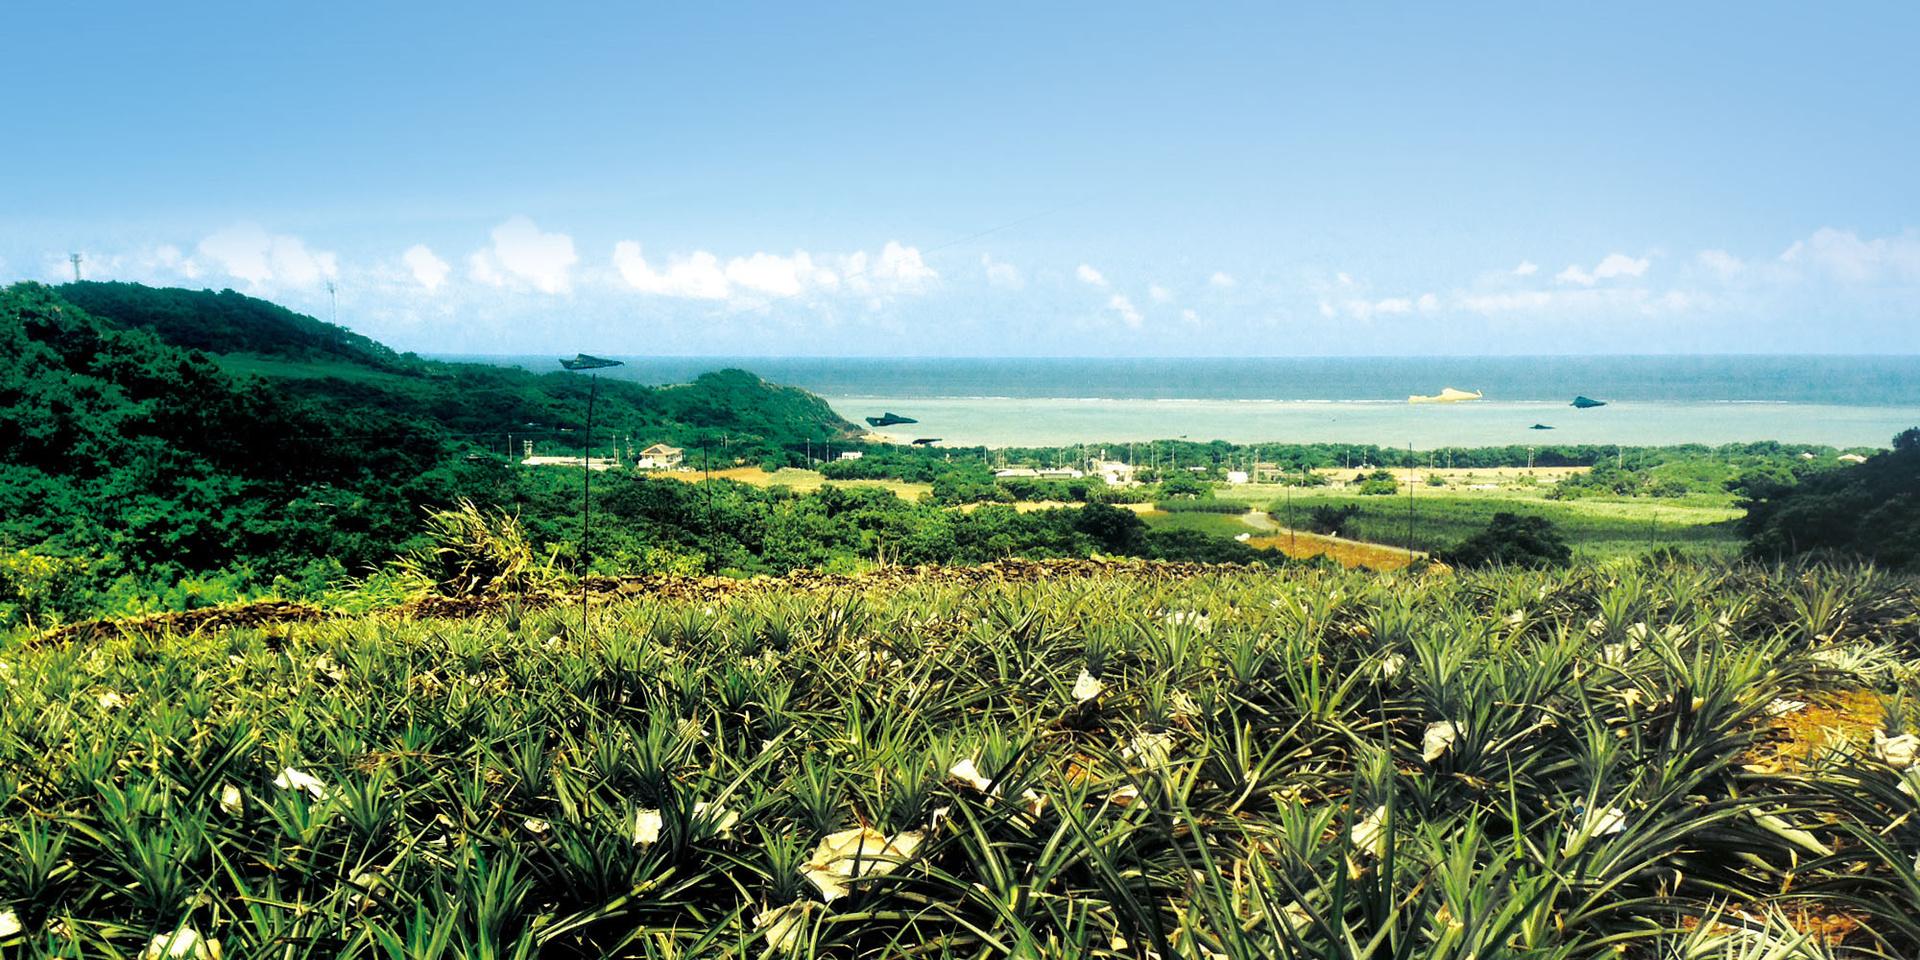 石垣島海のもの山のものメイン画像